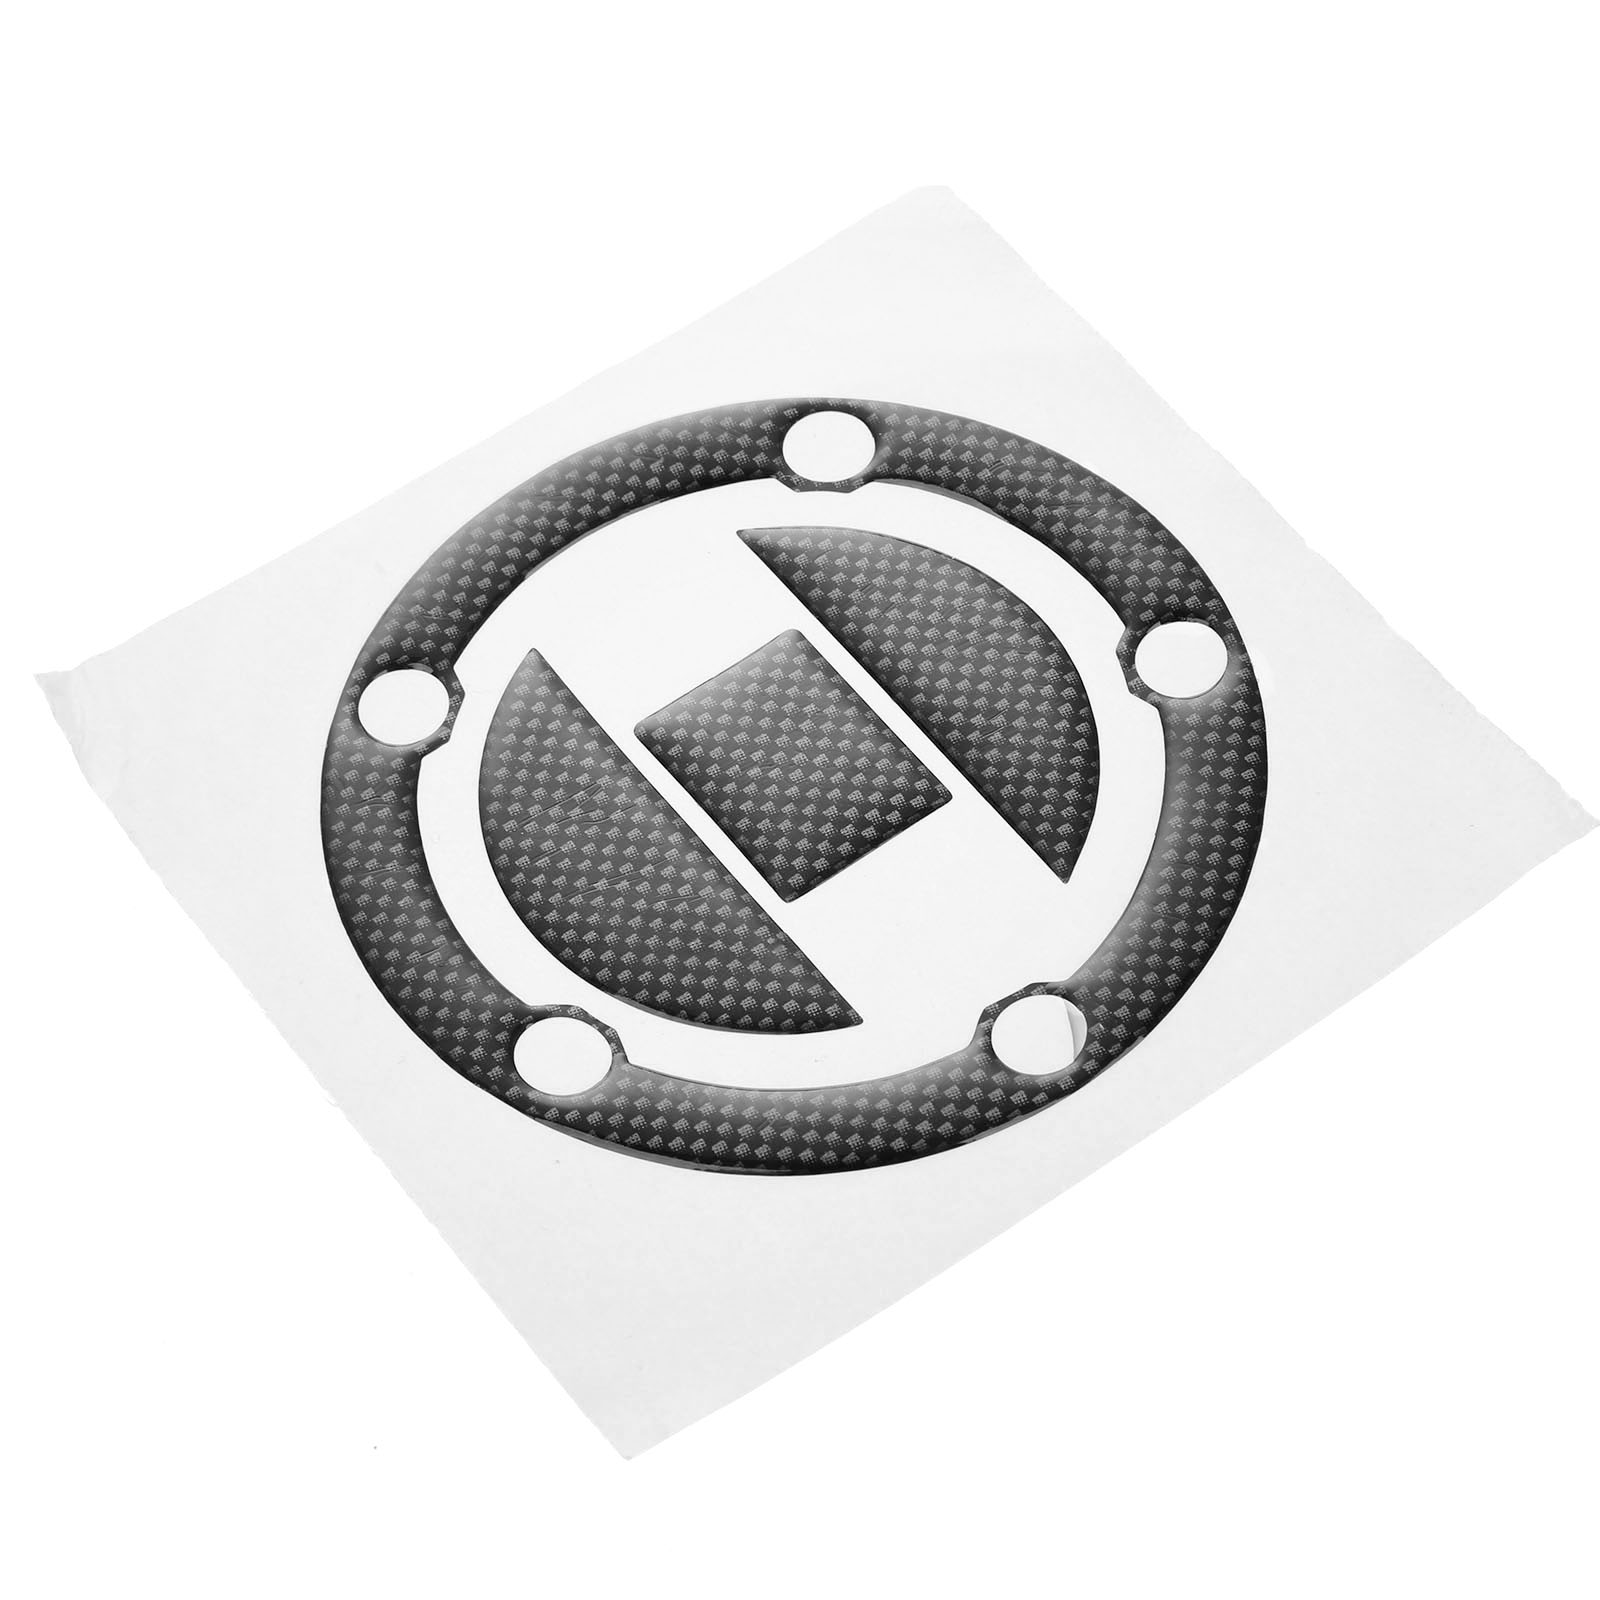 Tank Pad Protector Sticker үшін SUZUKI GSX-R750 GSXR1000 SV1000S - Мотоцикл аксессуарлары мен бөлшектер - фото 3